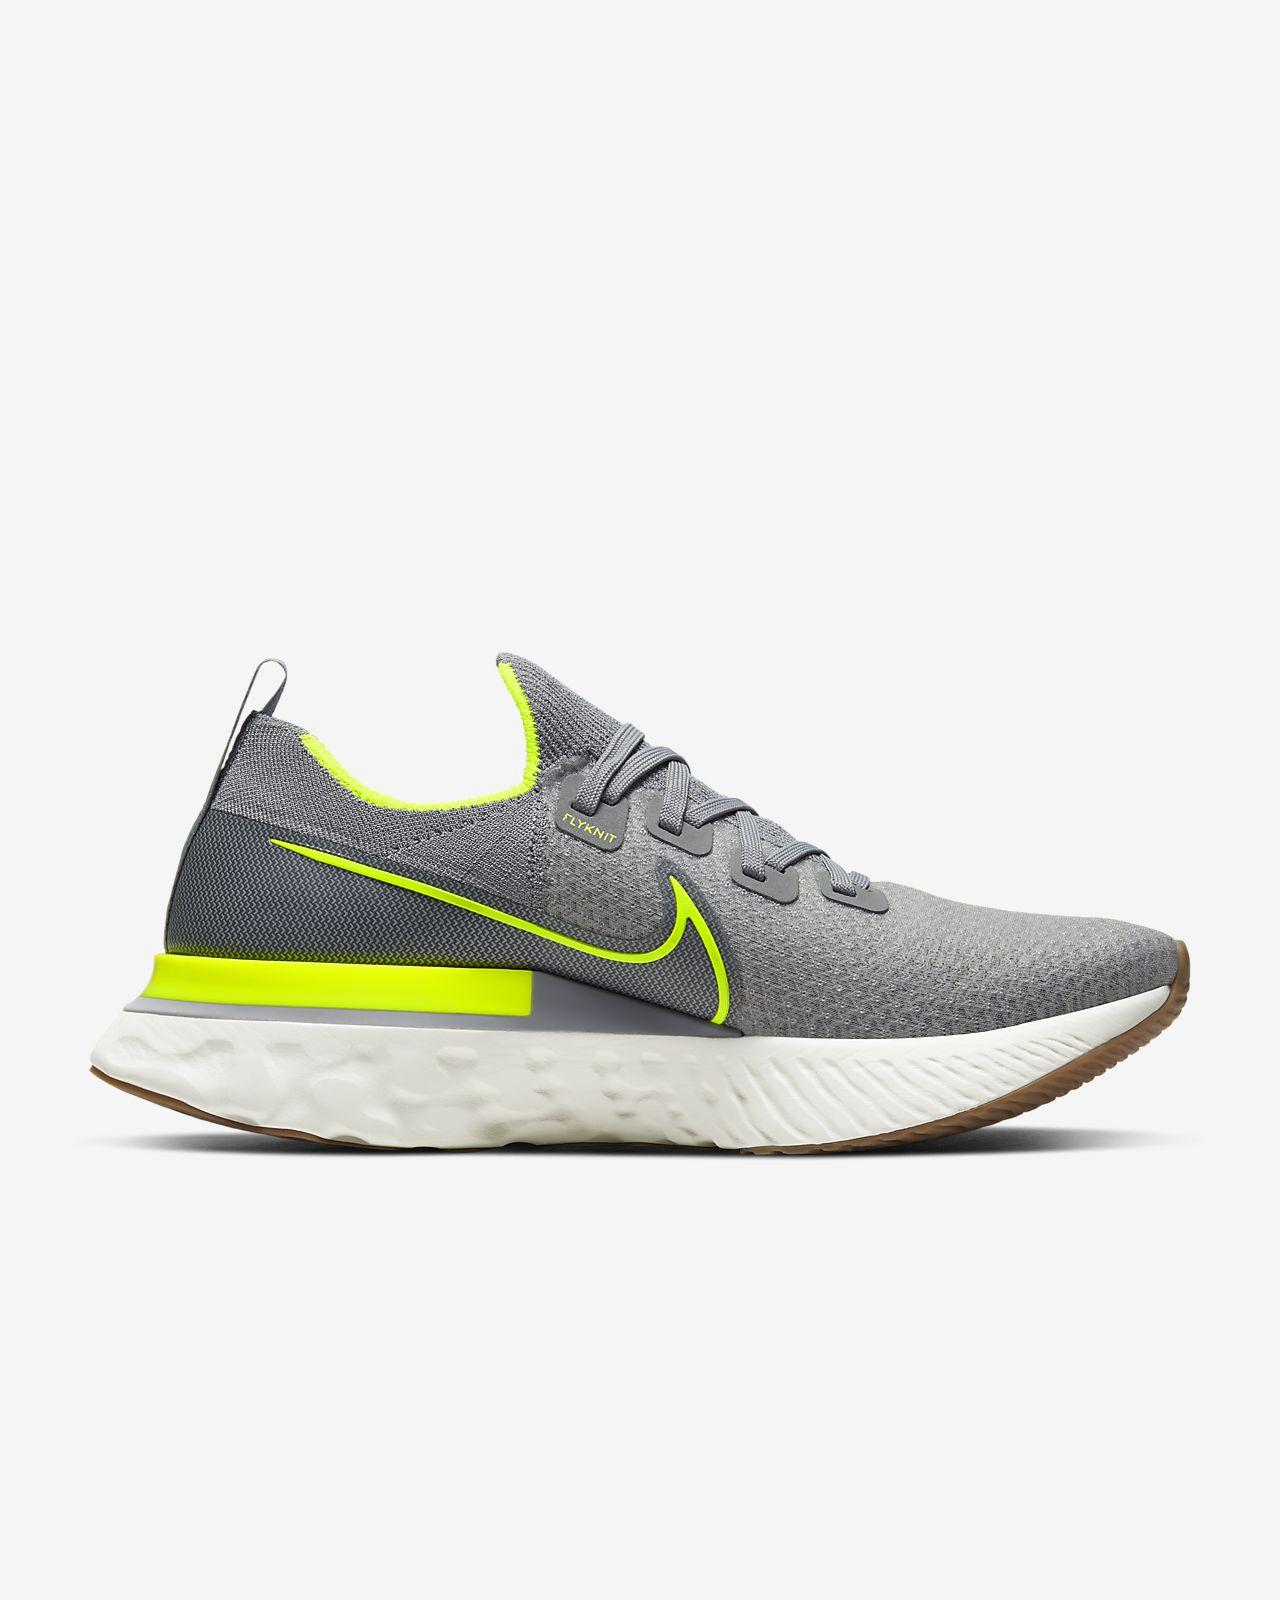 Löparsko Nike React Infinity Run Flyknit för män